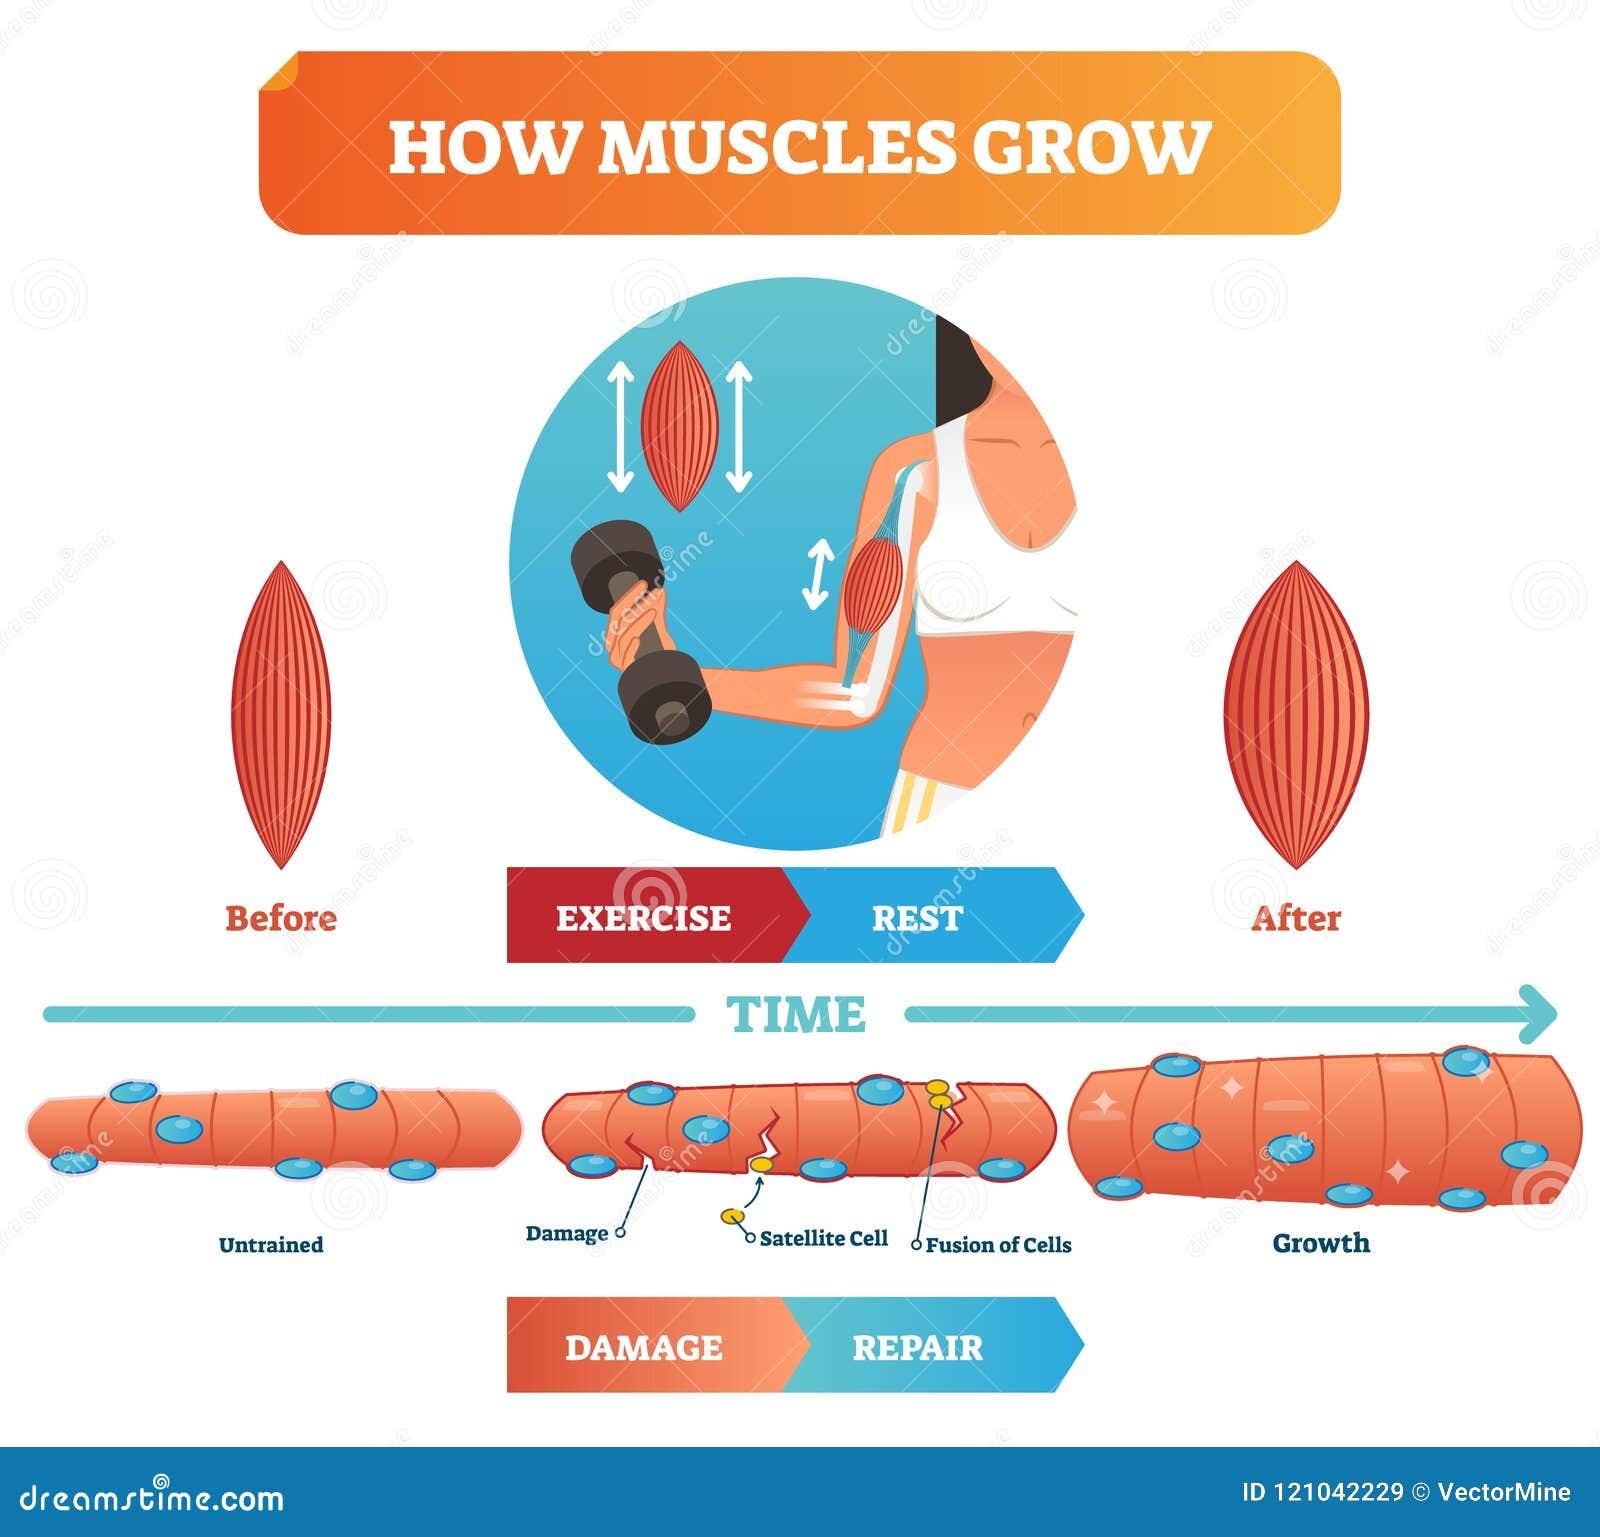 Ejemplo del vector sobre cómo los músculos crecen Diagrama y esquema educativos médicos con la célula y la fusión por satélite de